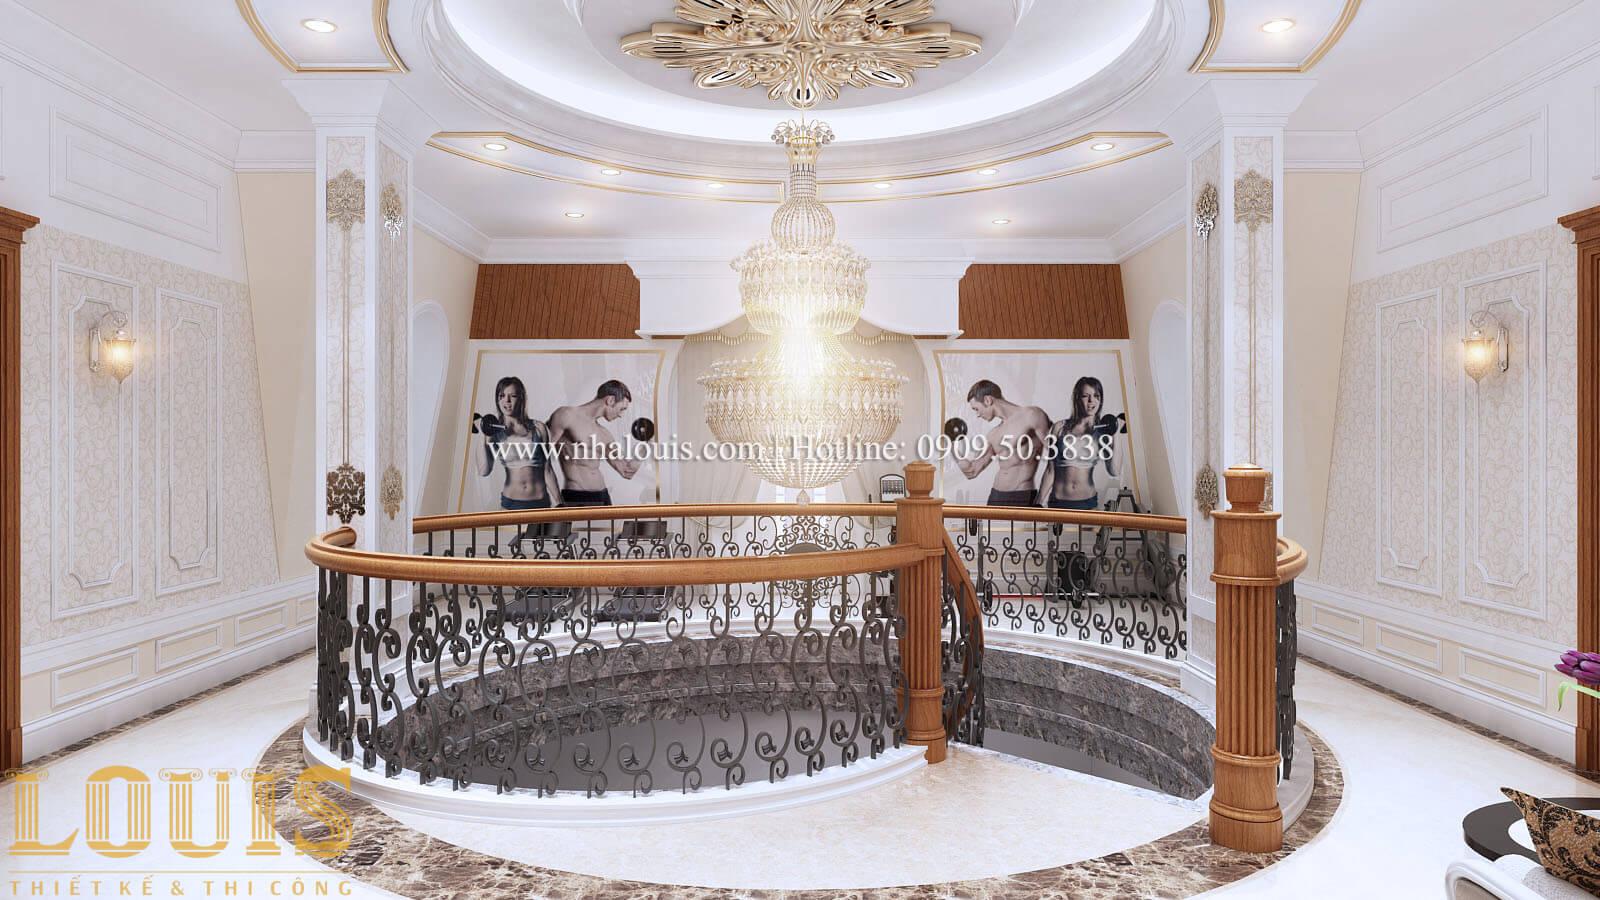 Sảnh Thiết kế mẫu biệt thự 3 tầng kiểu Pháp tại Bình Dương